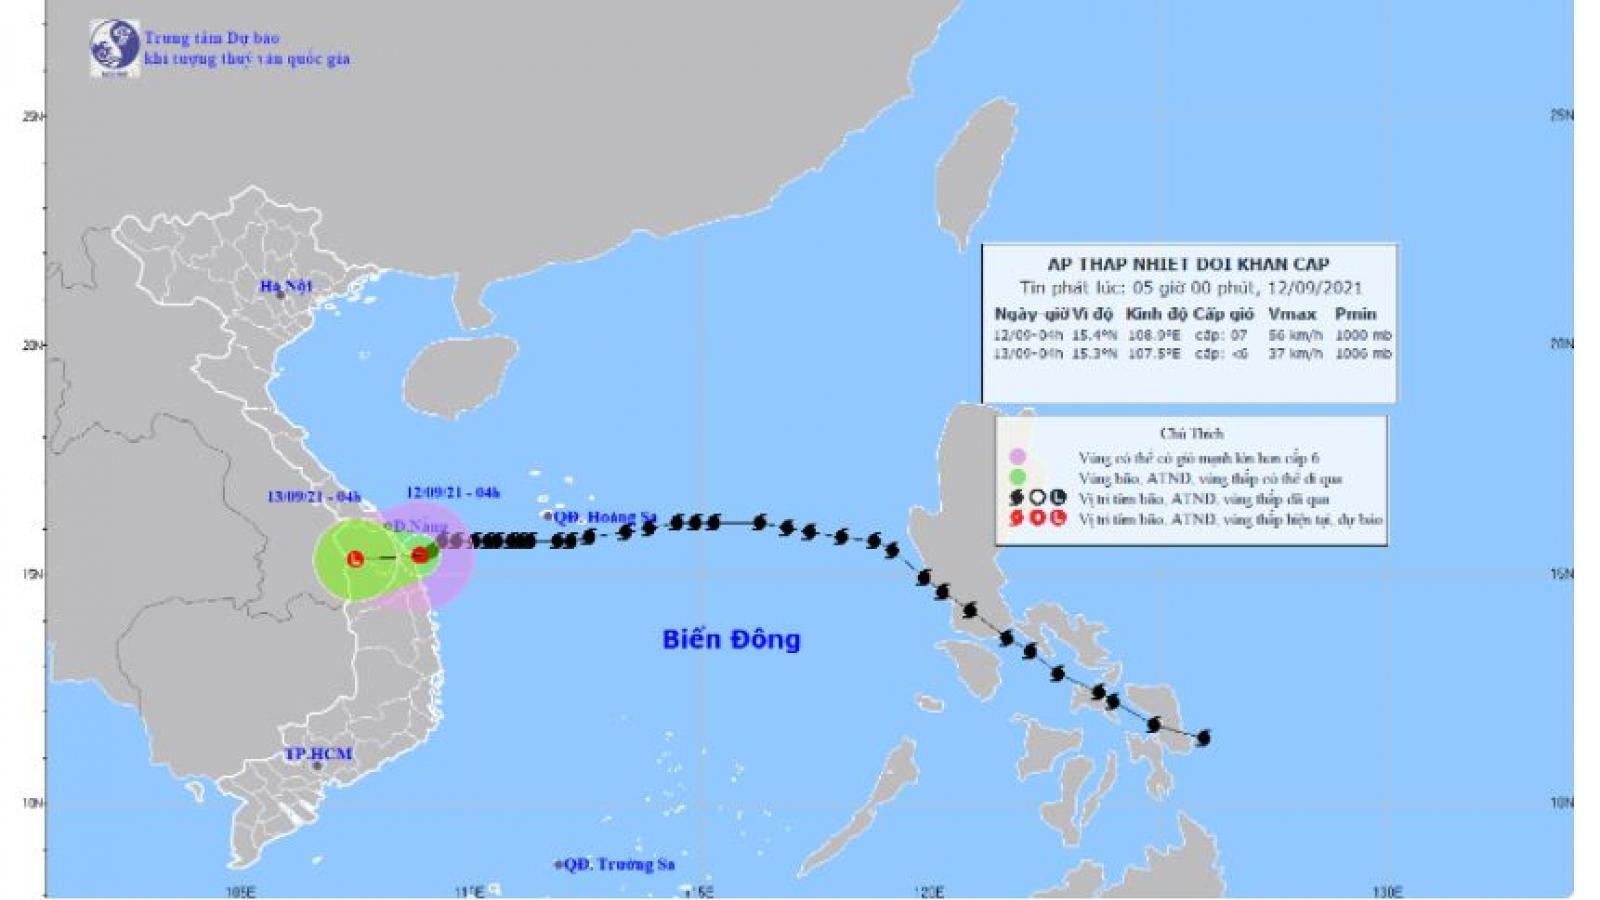 Áp thấp nhiệt đới suy yếu từ cơn bão số 5 đang ở vùng biển từ Đà Nẵng đến Bình Định